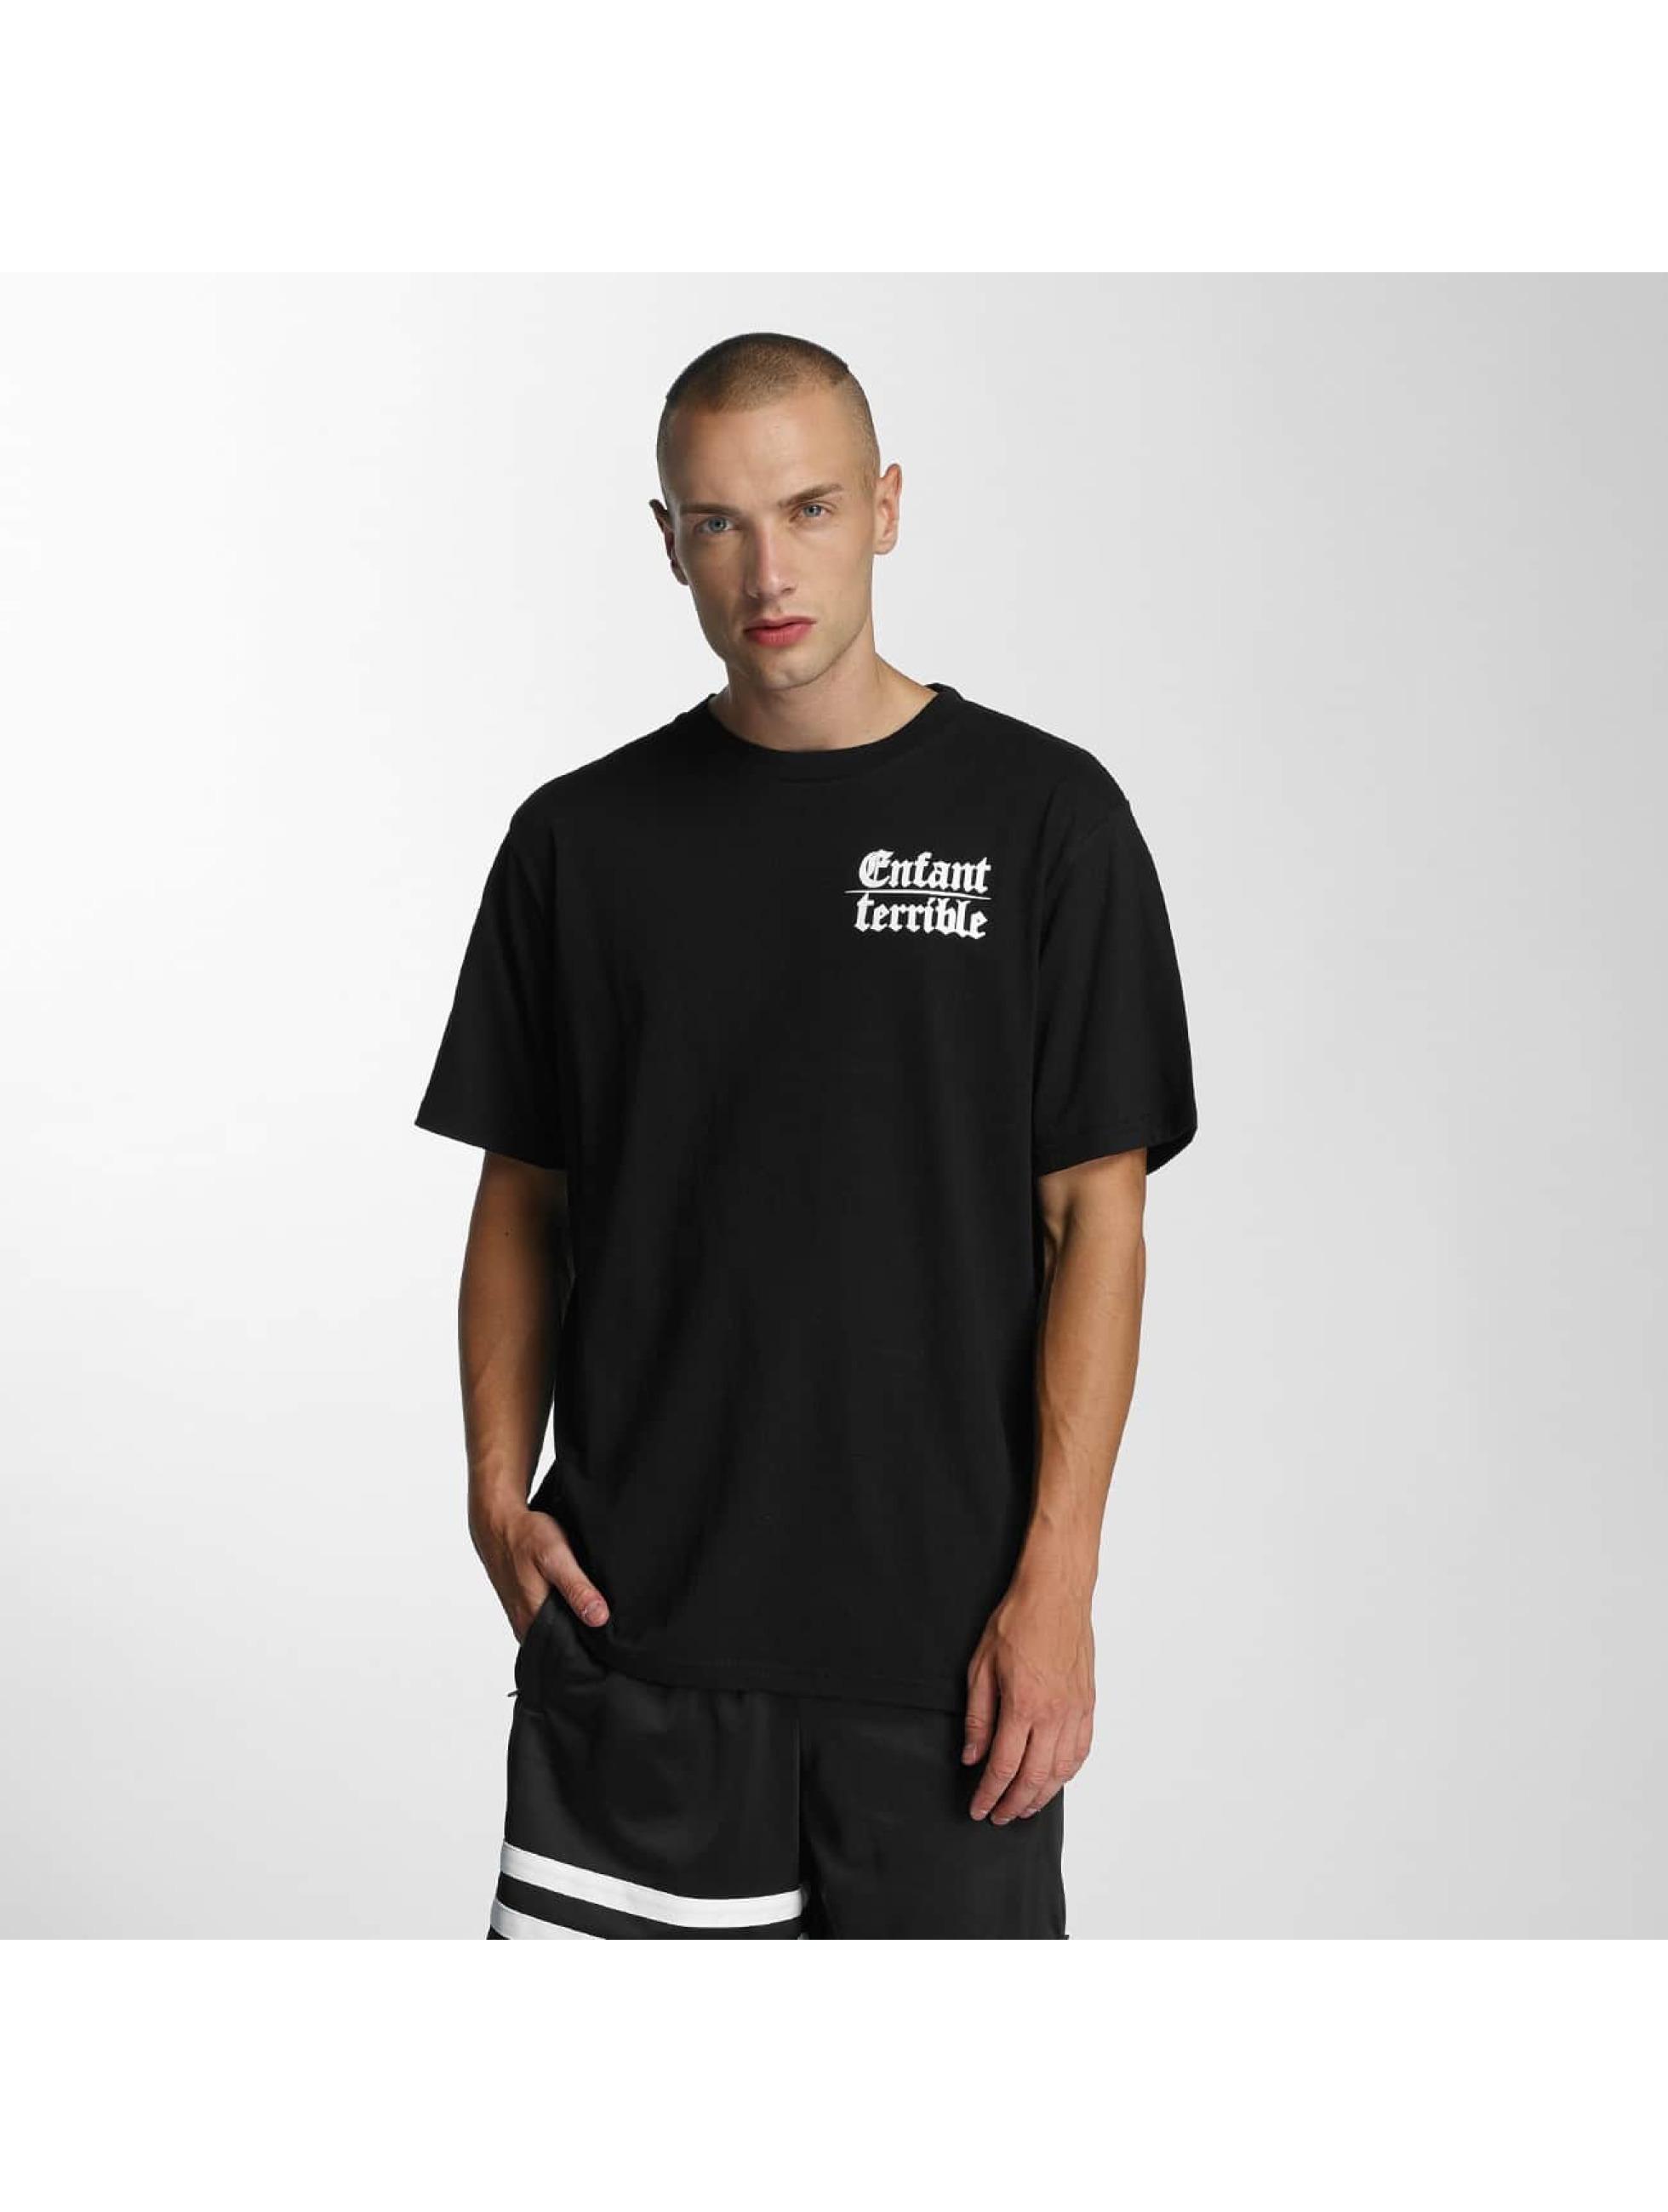 UNFAIR ATHLETICS Männer T-Shirt Enfant in schwarz